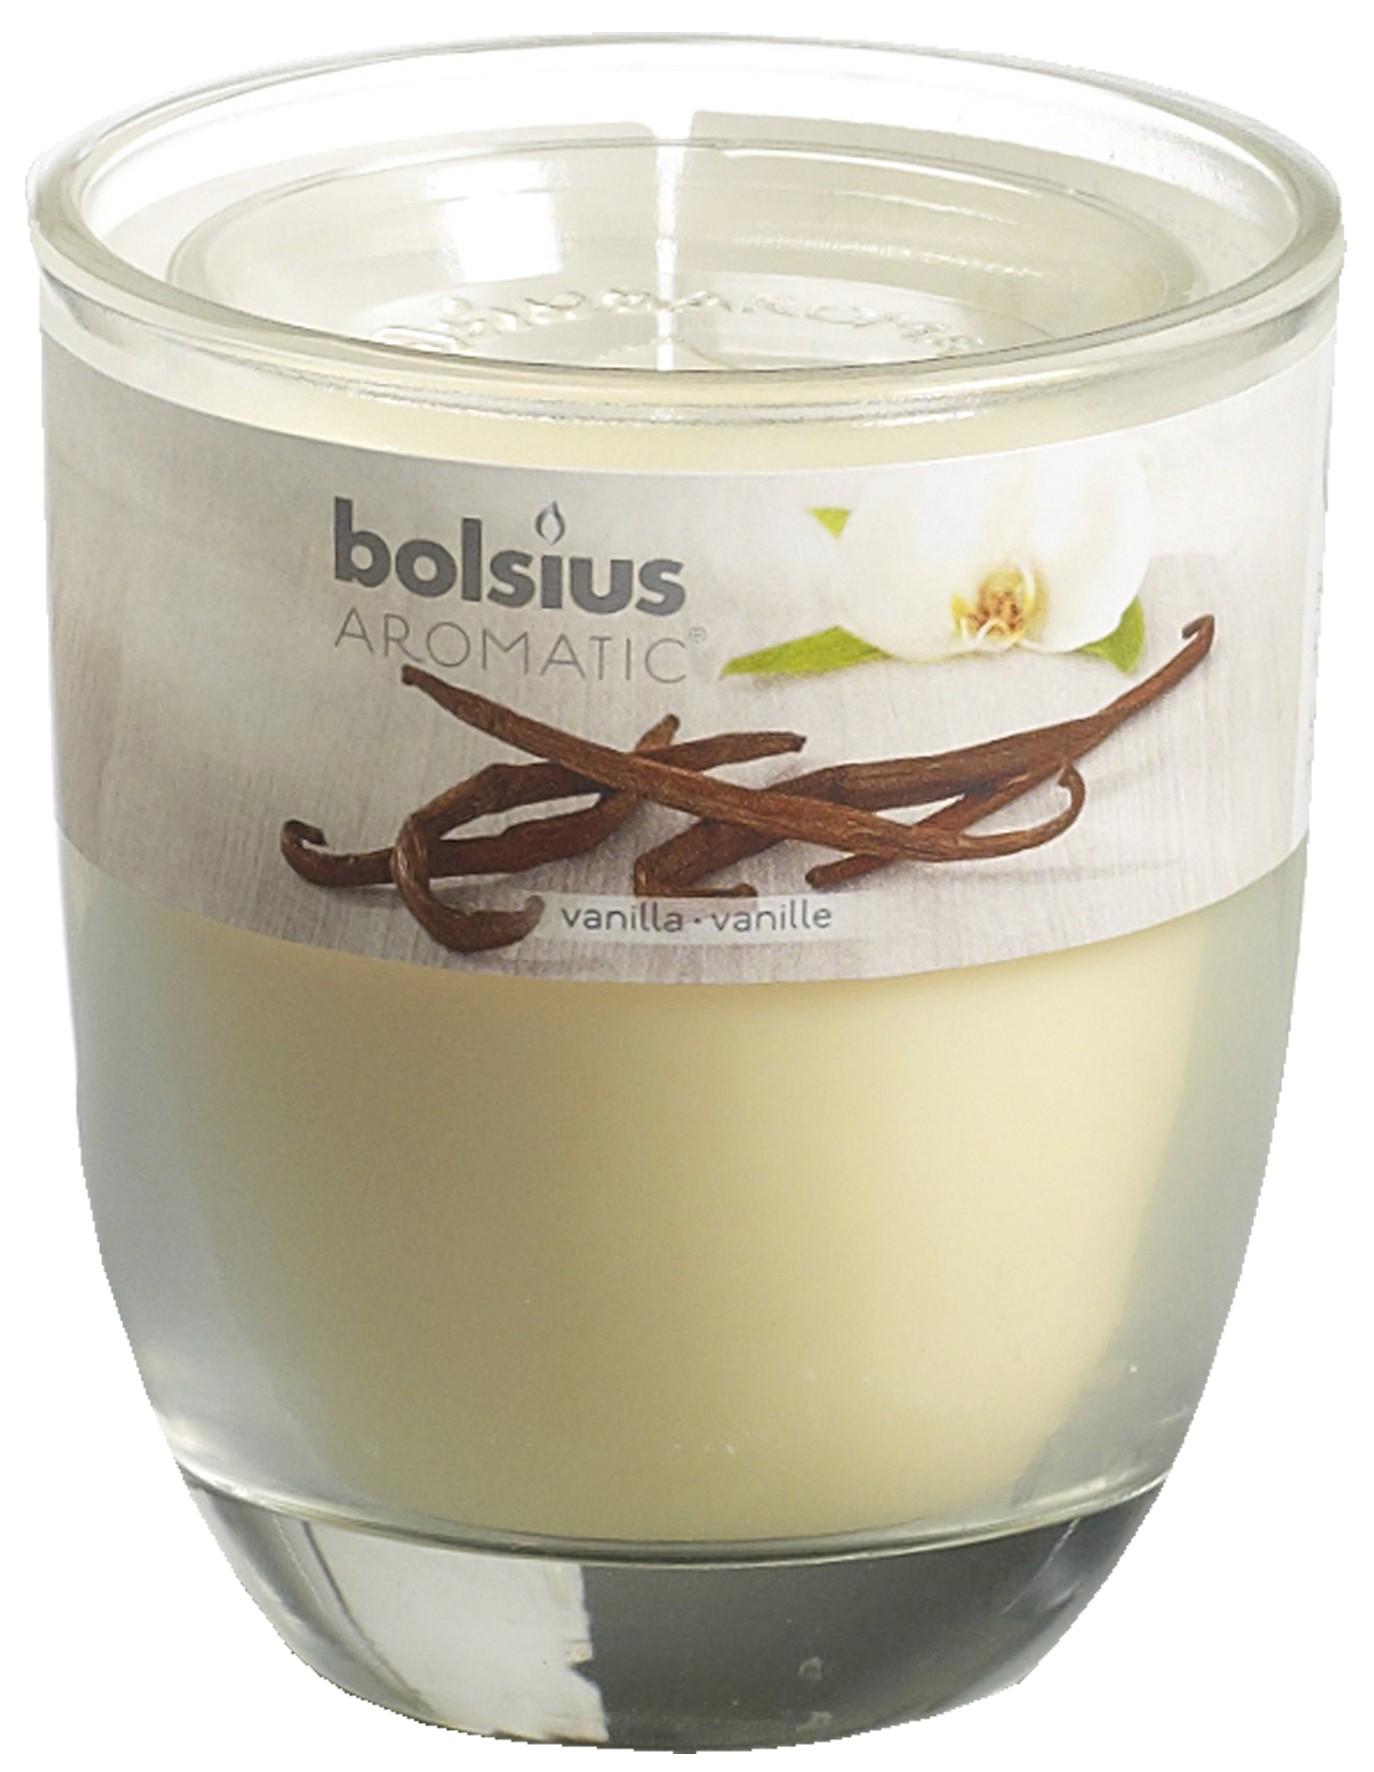 Bolsius Duftkerze Aromatic im Glas Vanille Bild 1